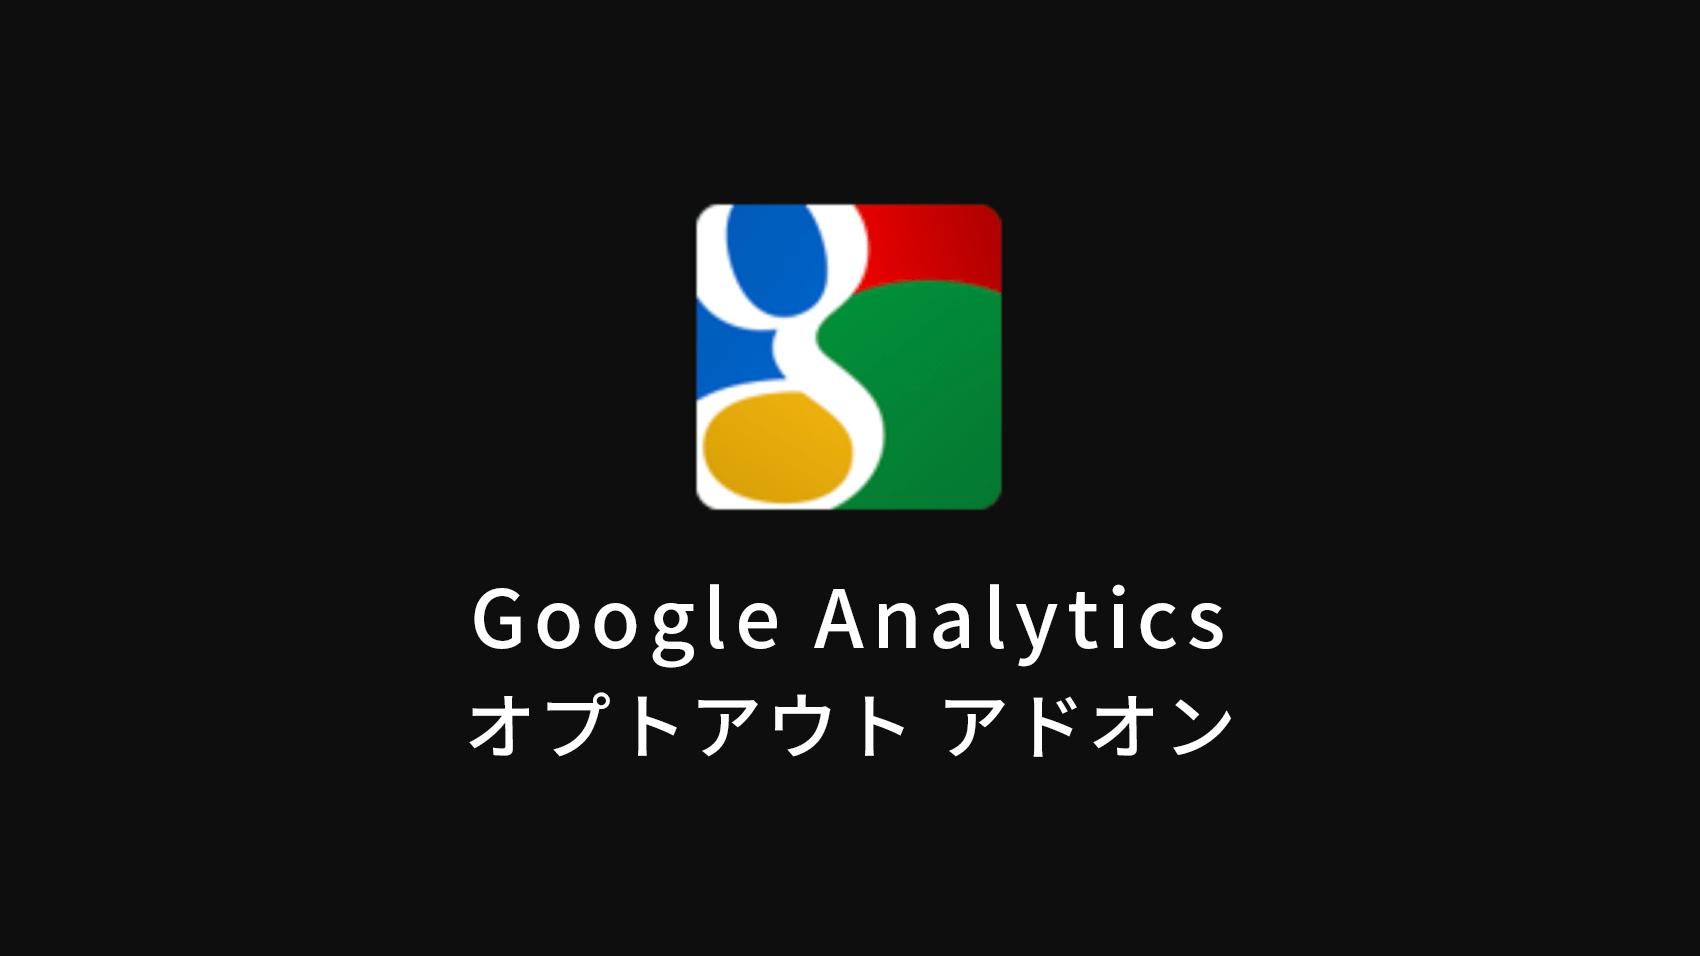 自分のアクセスを排除する!Google Analytics オプトアウト アドオンを入れよう